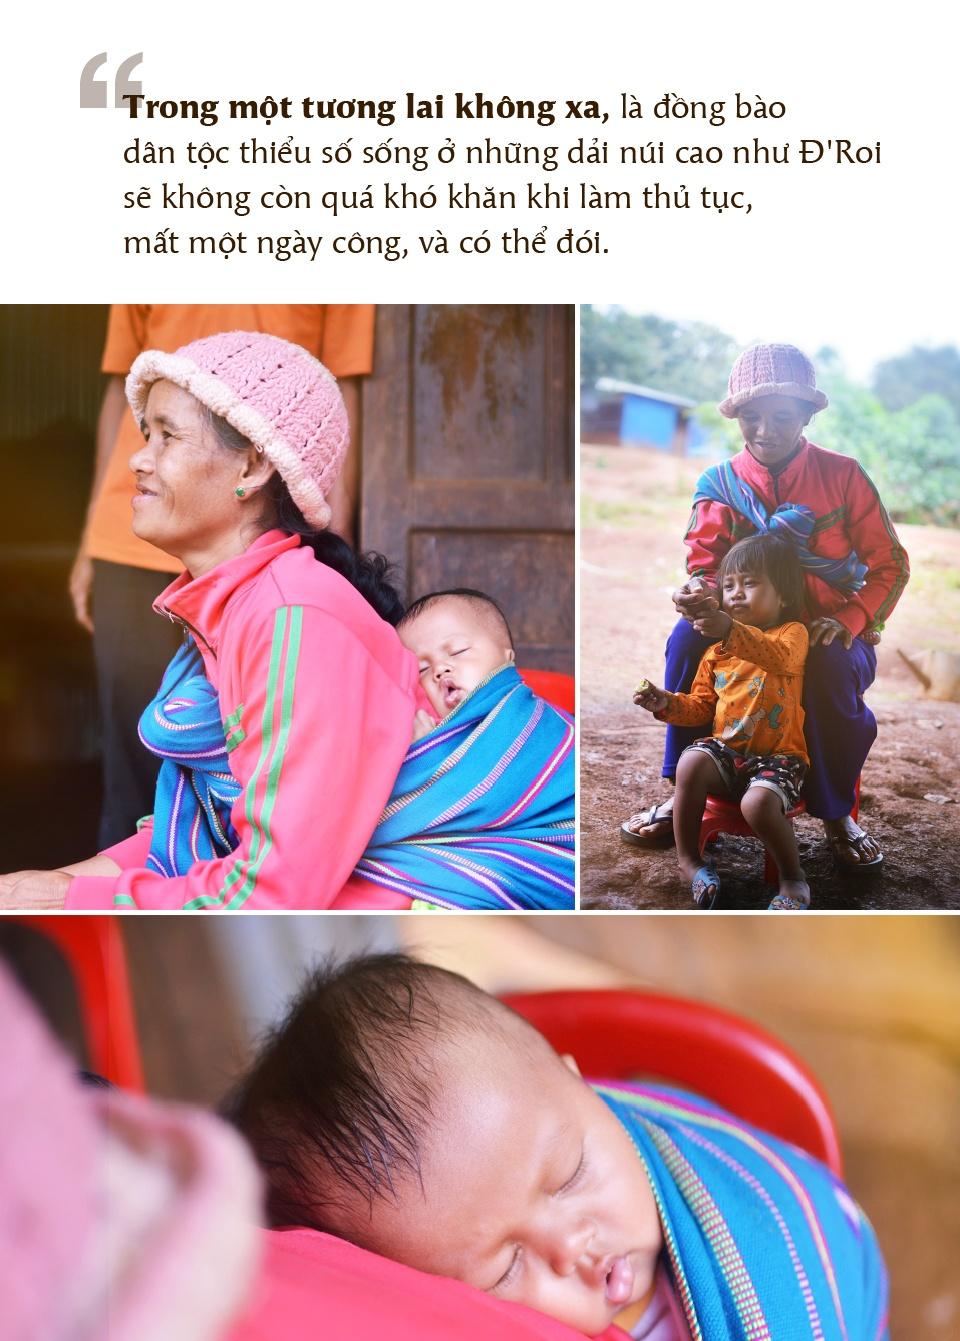 nguoi M'Nong,  Ol Bu Tung,  Zalo,  Hanh chinh Cong anh 13